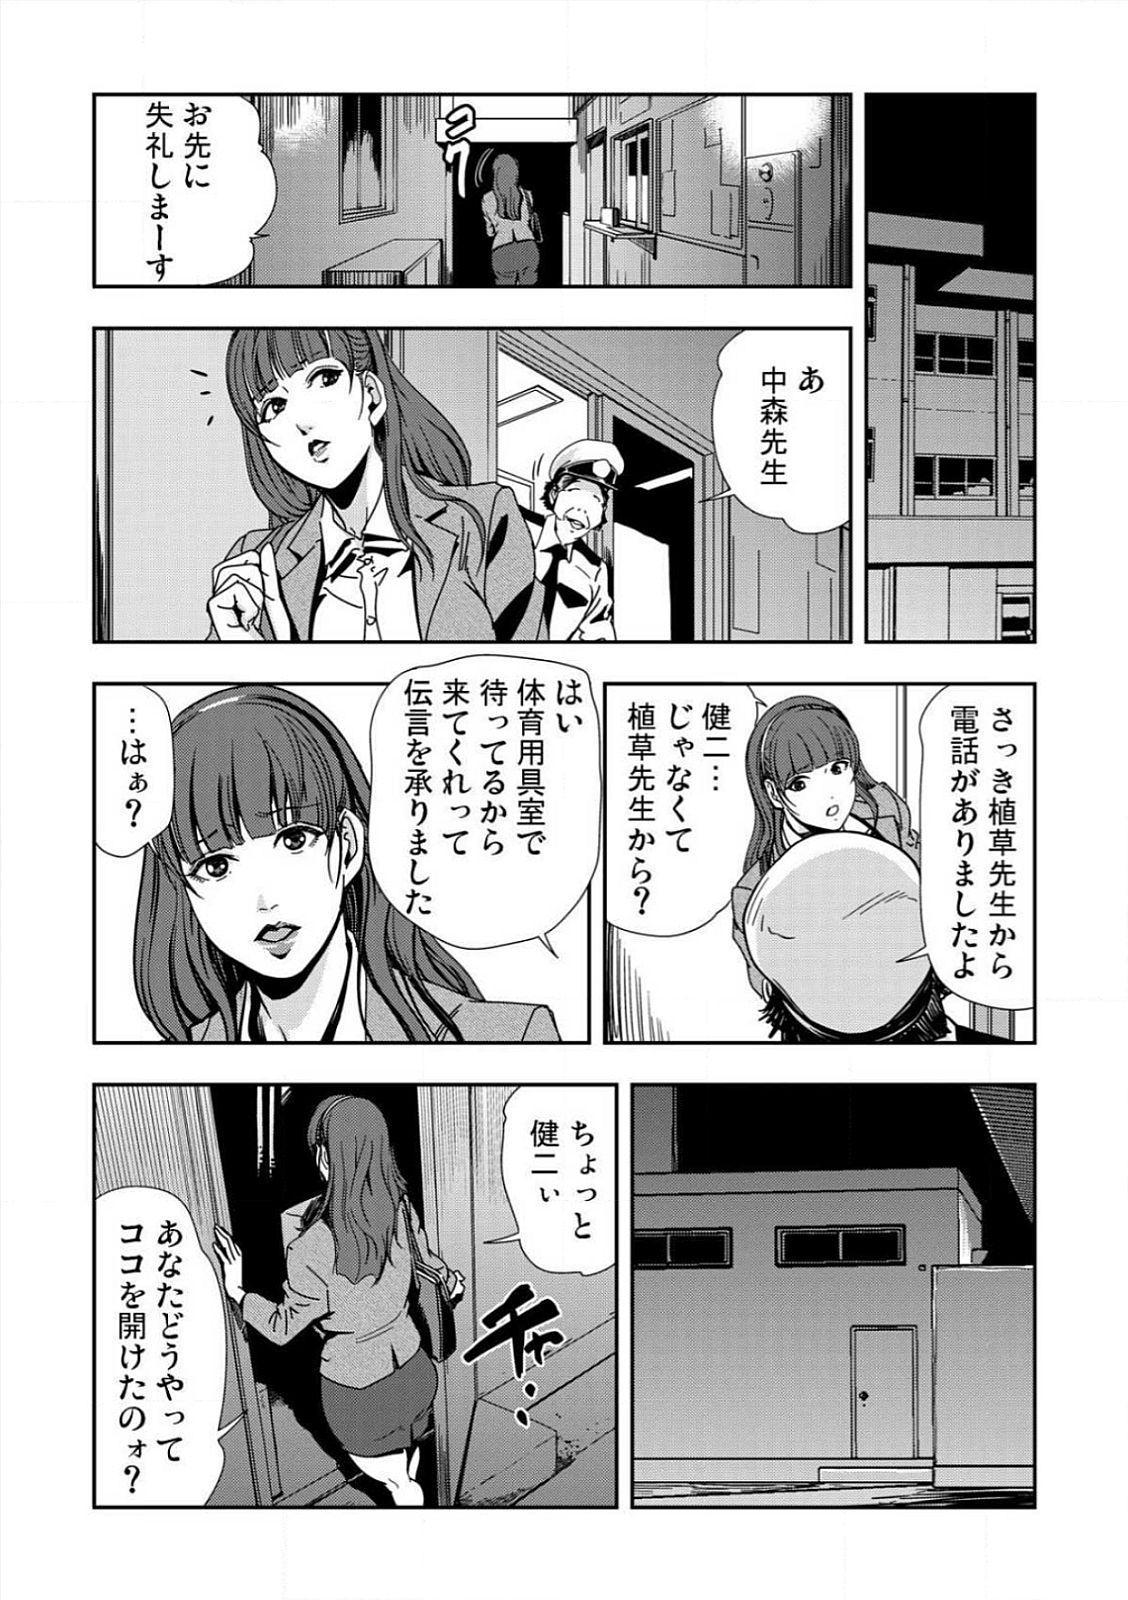 [Misaki Yukihiro] Kyousei Shidou ~Mechakucha ni Kegasarete~ (1)~(6) [Digital] 39